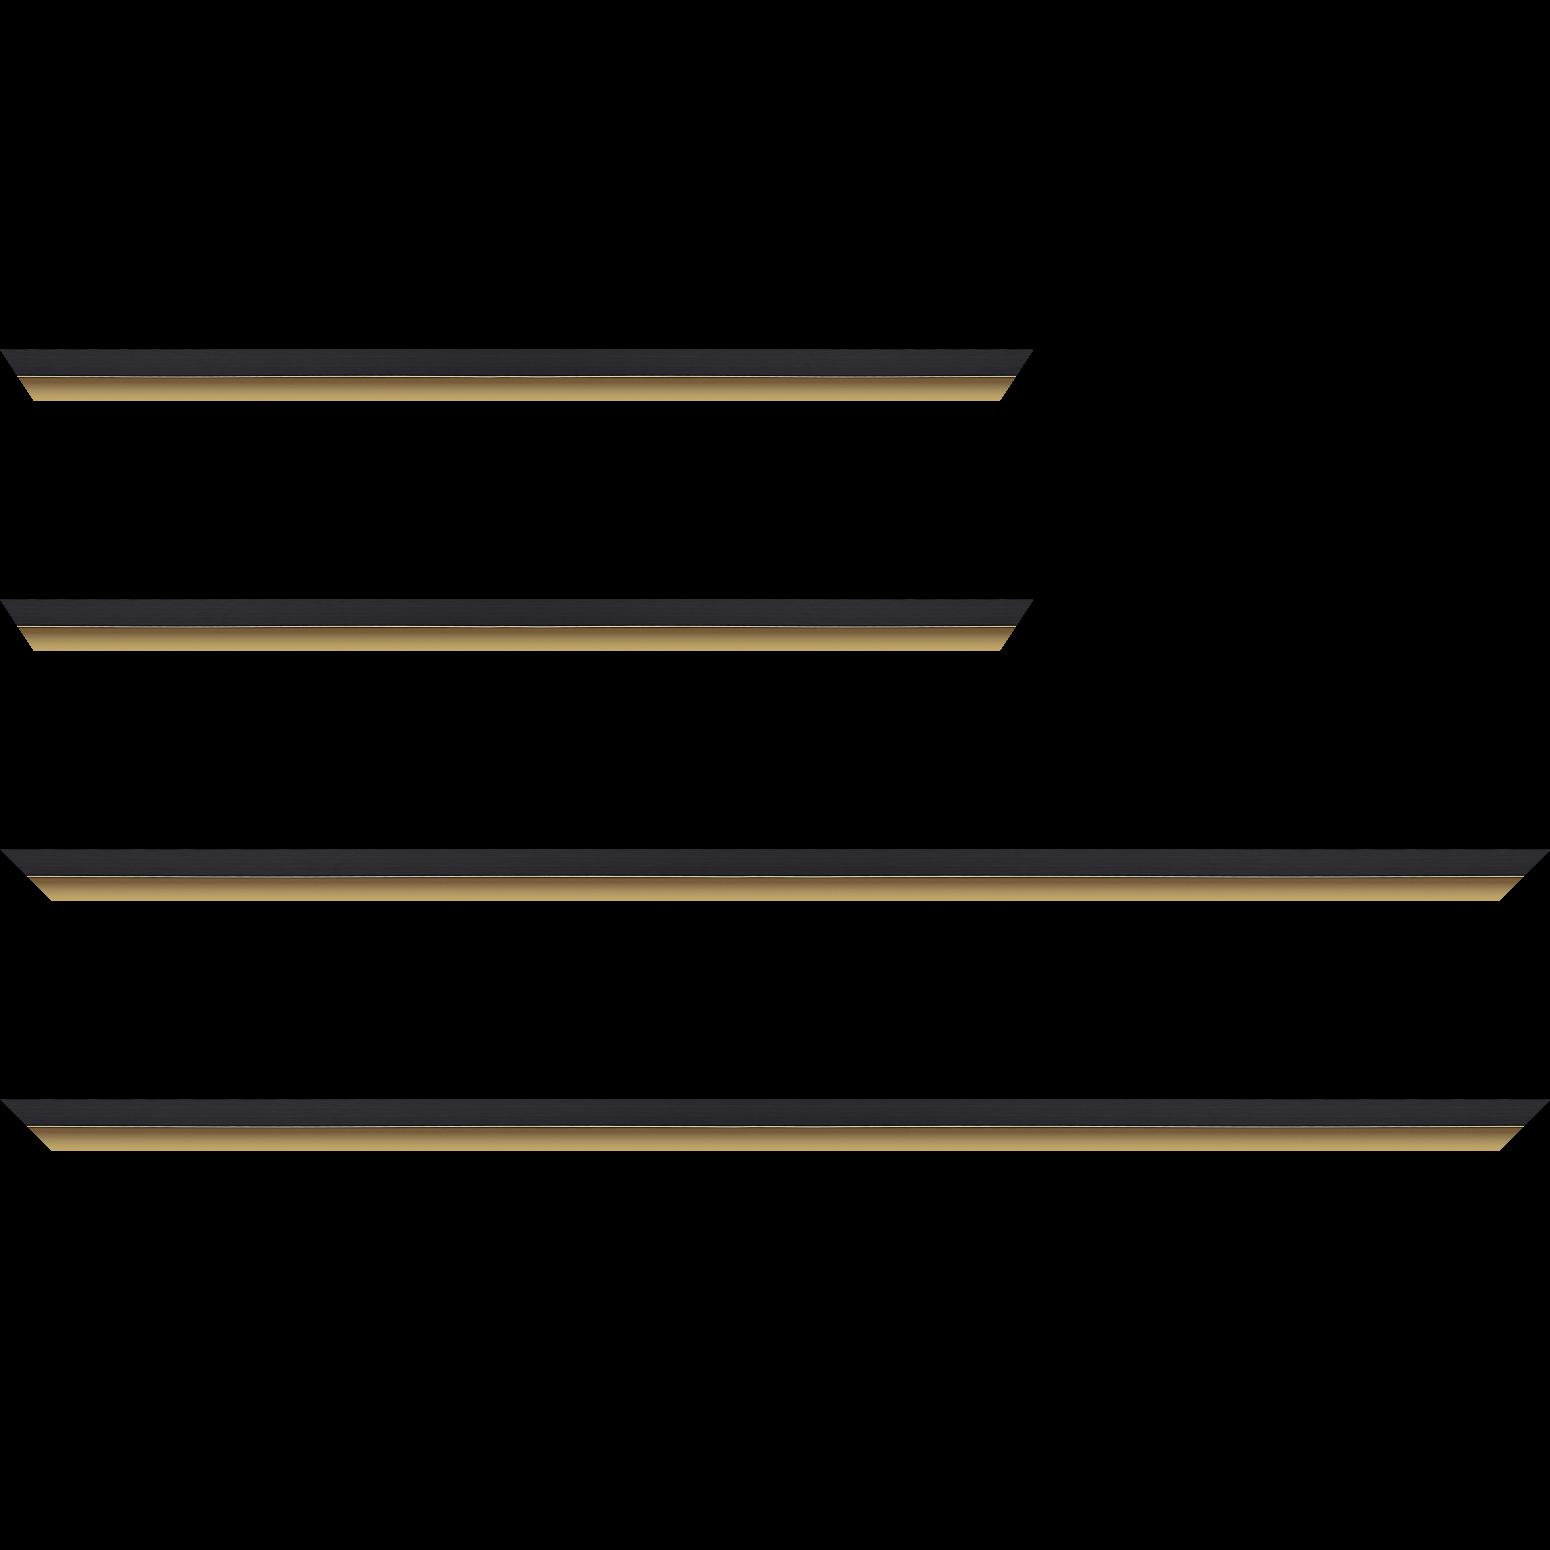 Baguette service précoupé Bois profil plat largeur 1.6cm couleur noir mat finition pore bouché filet or mat en retrait de la face du cadre de 6mm assurant un effet très original